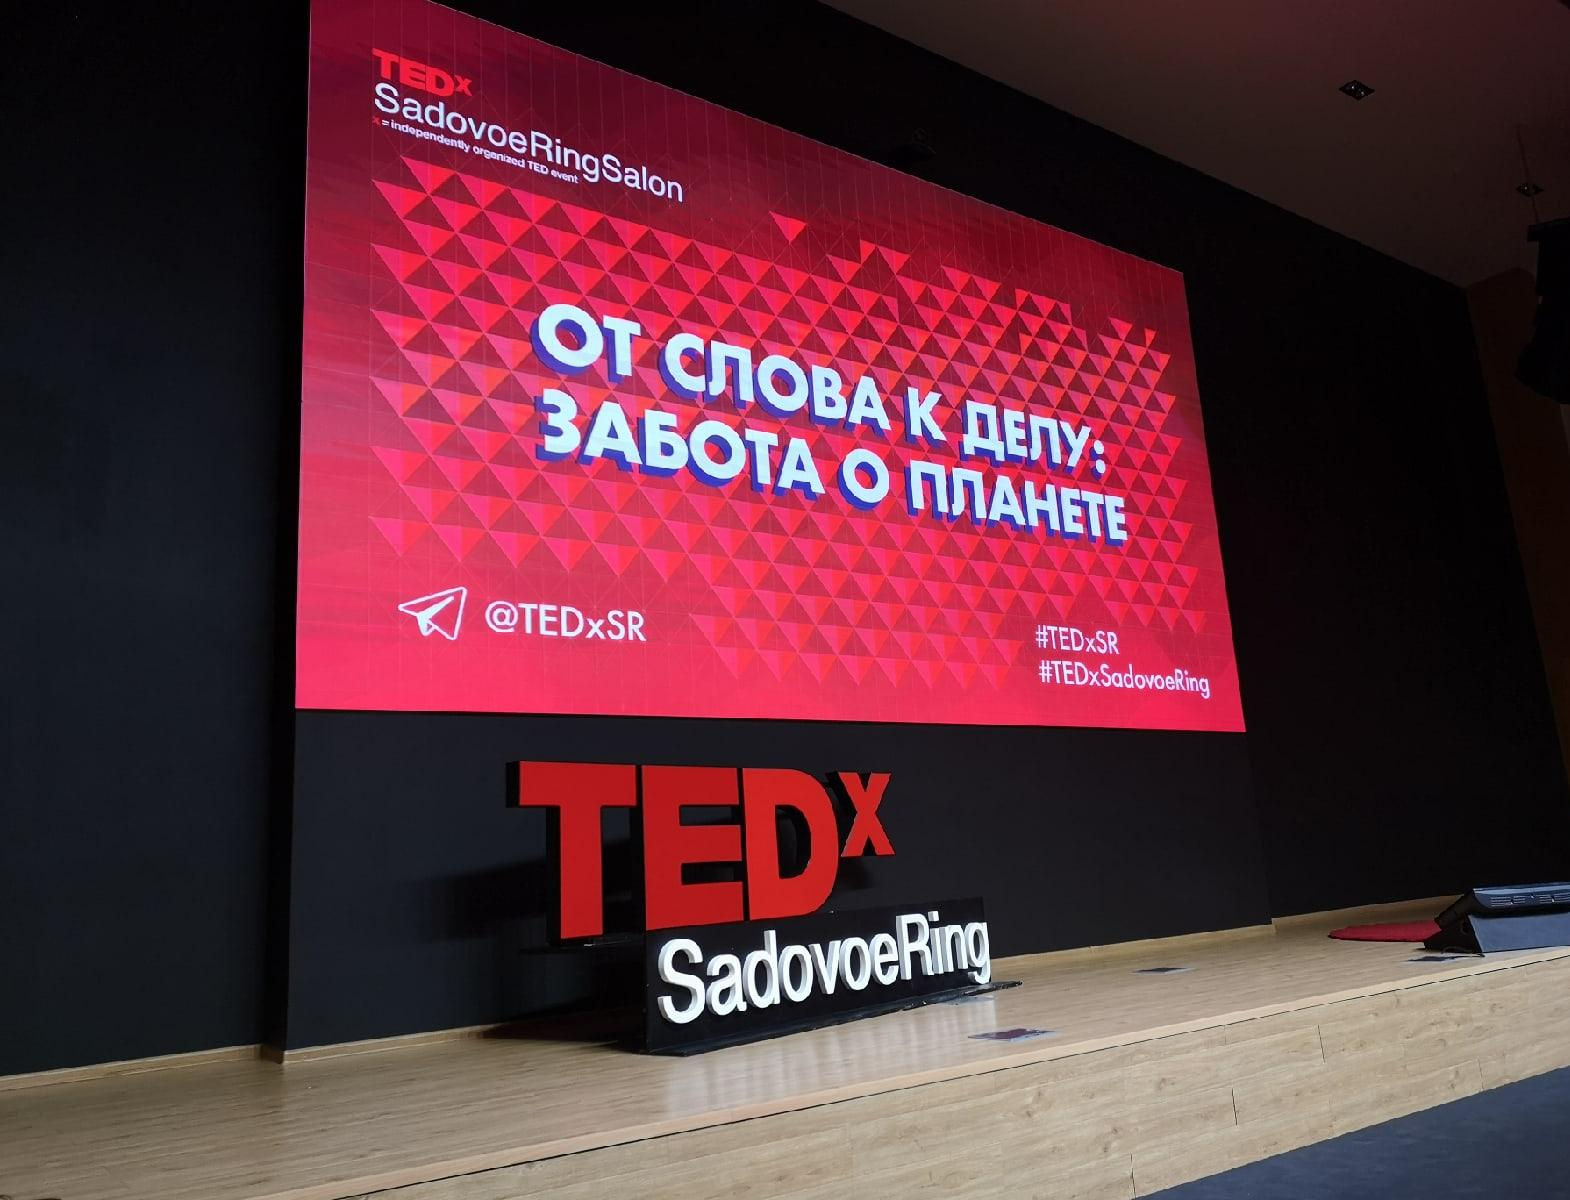 Видео дня: выступления на конференции TEDx об экологических проблемах